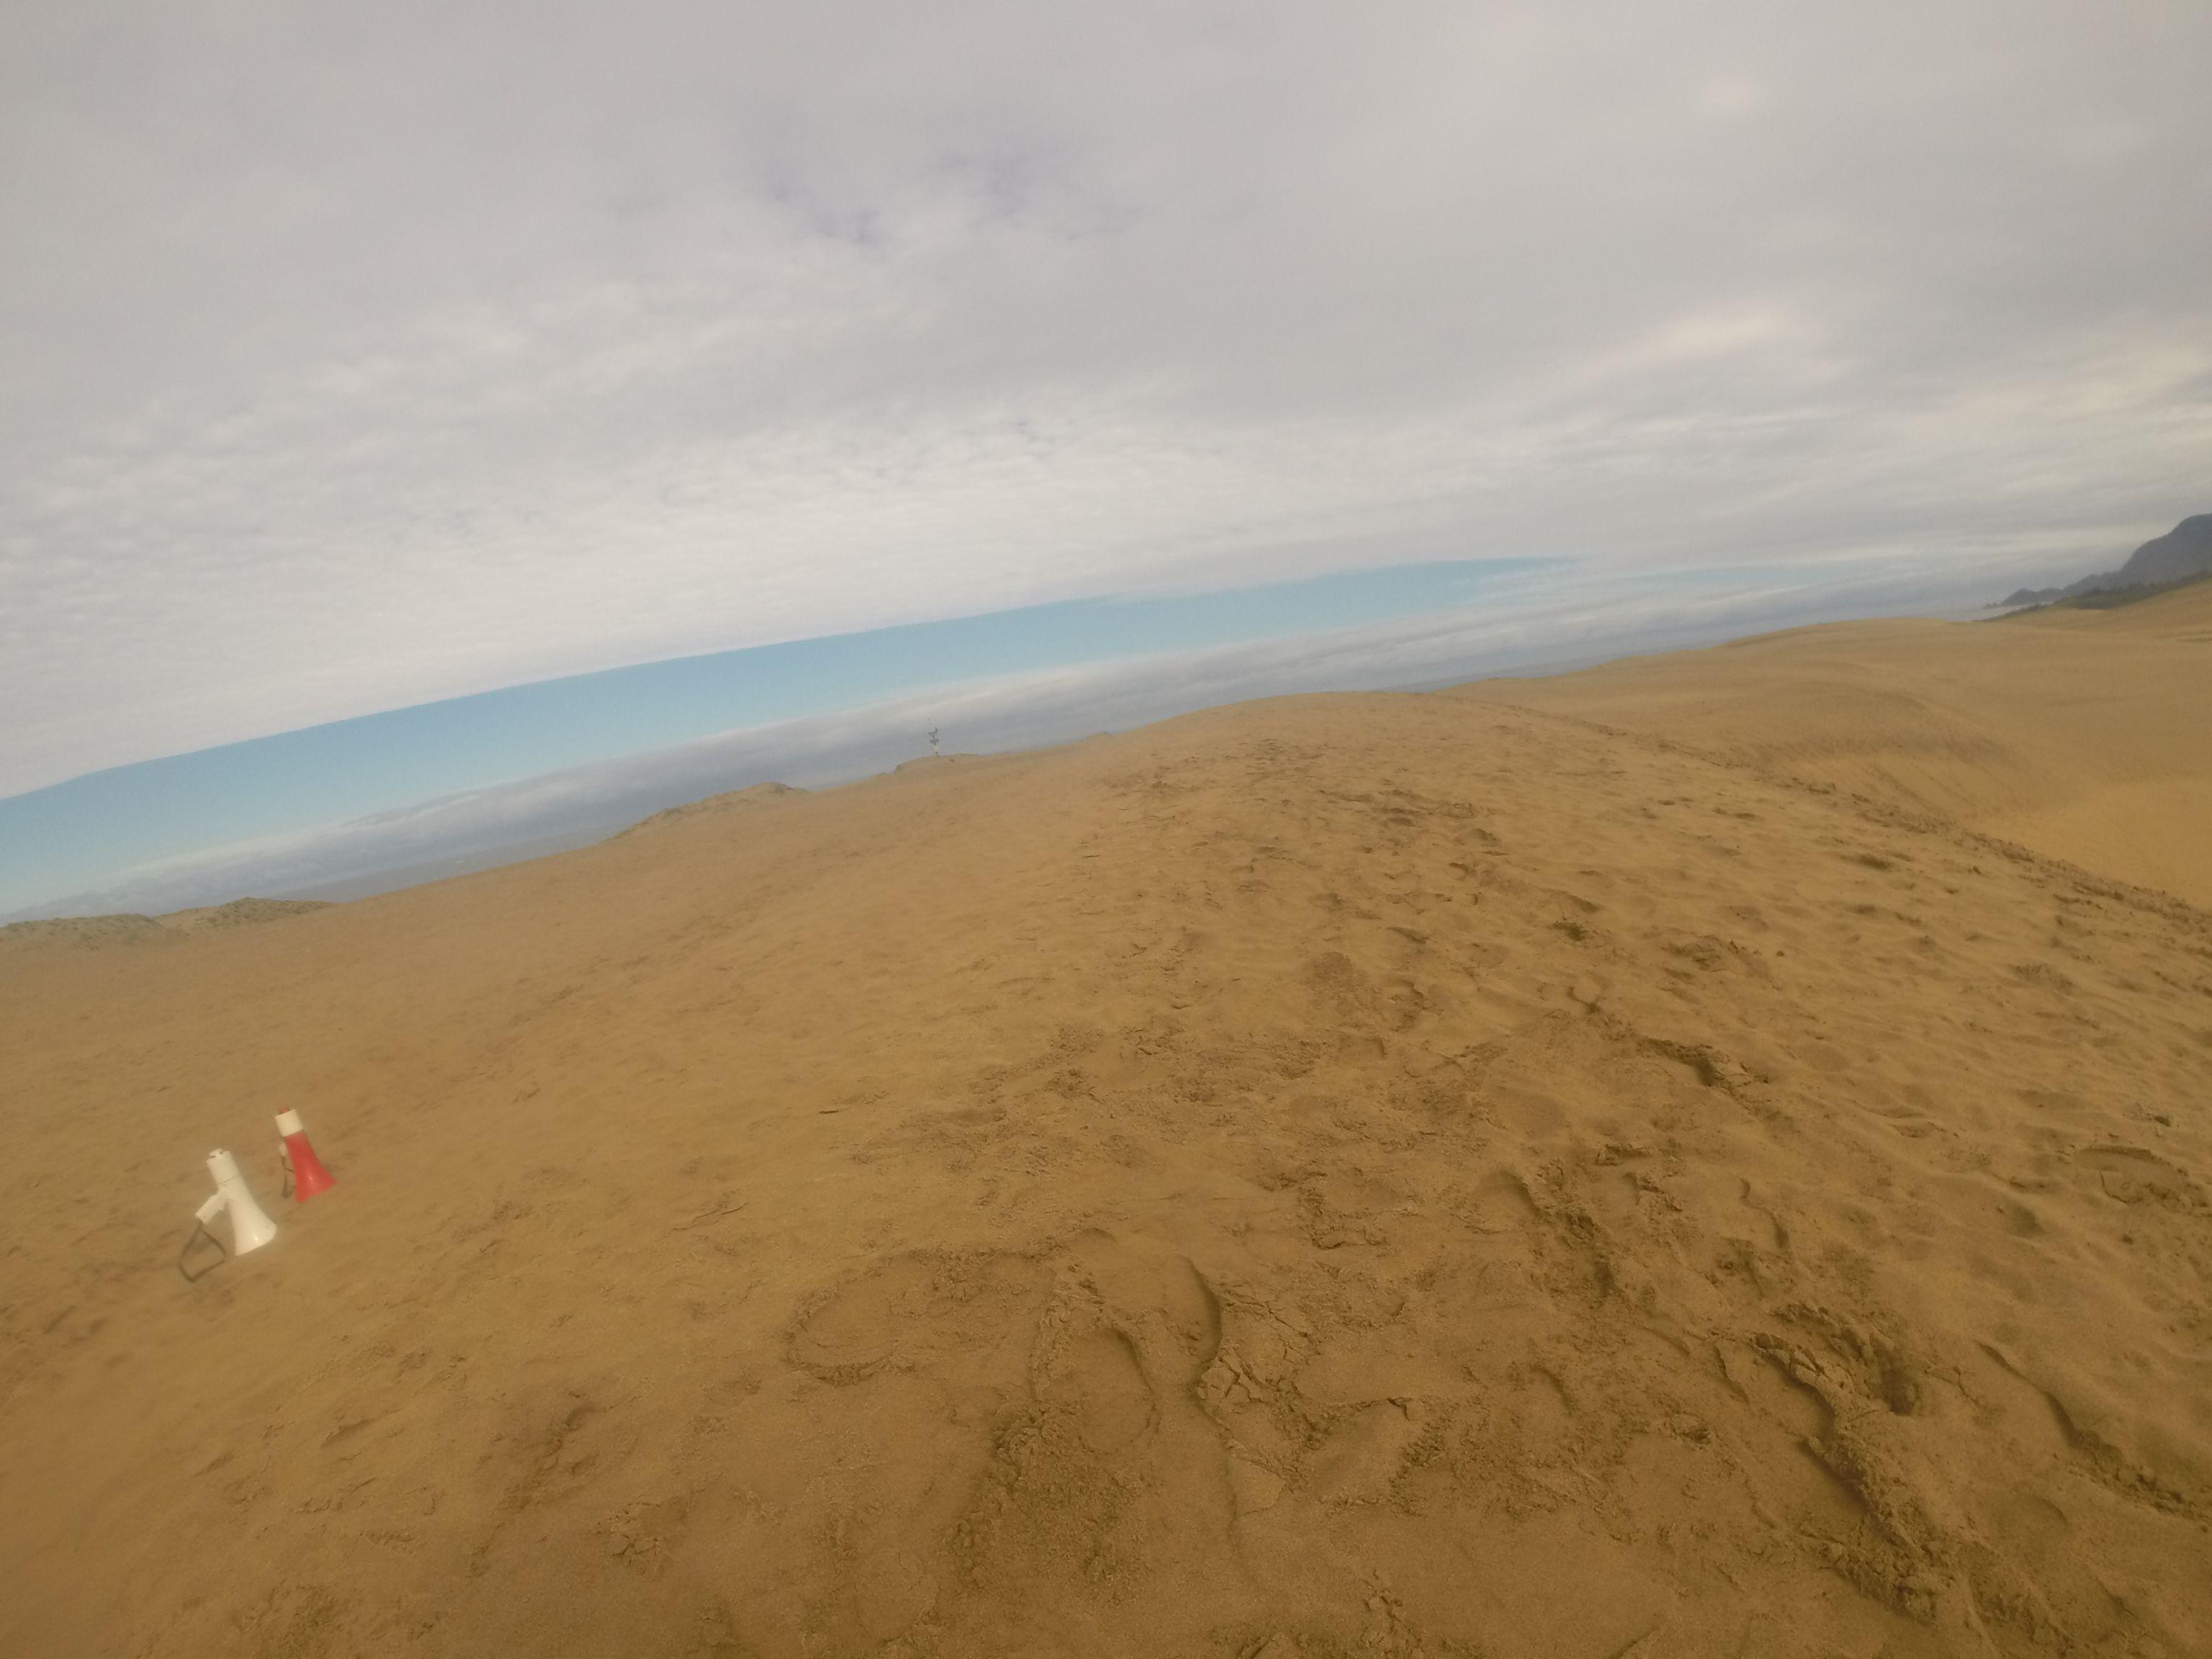 海のほうから青空が広がってきた鳥取砂丘